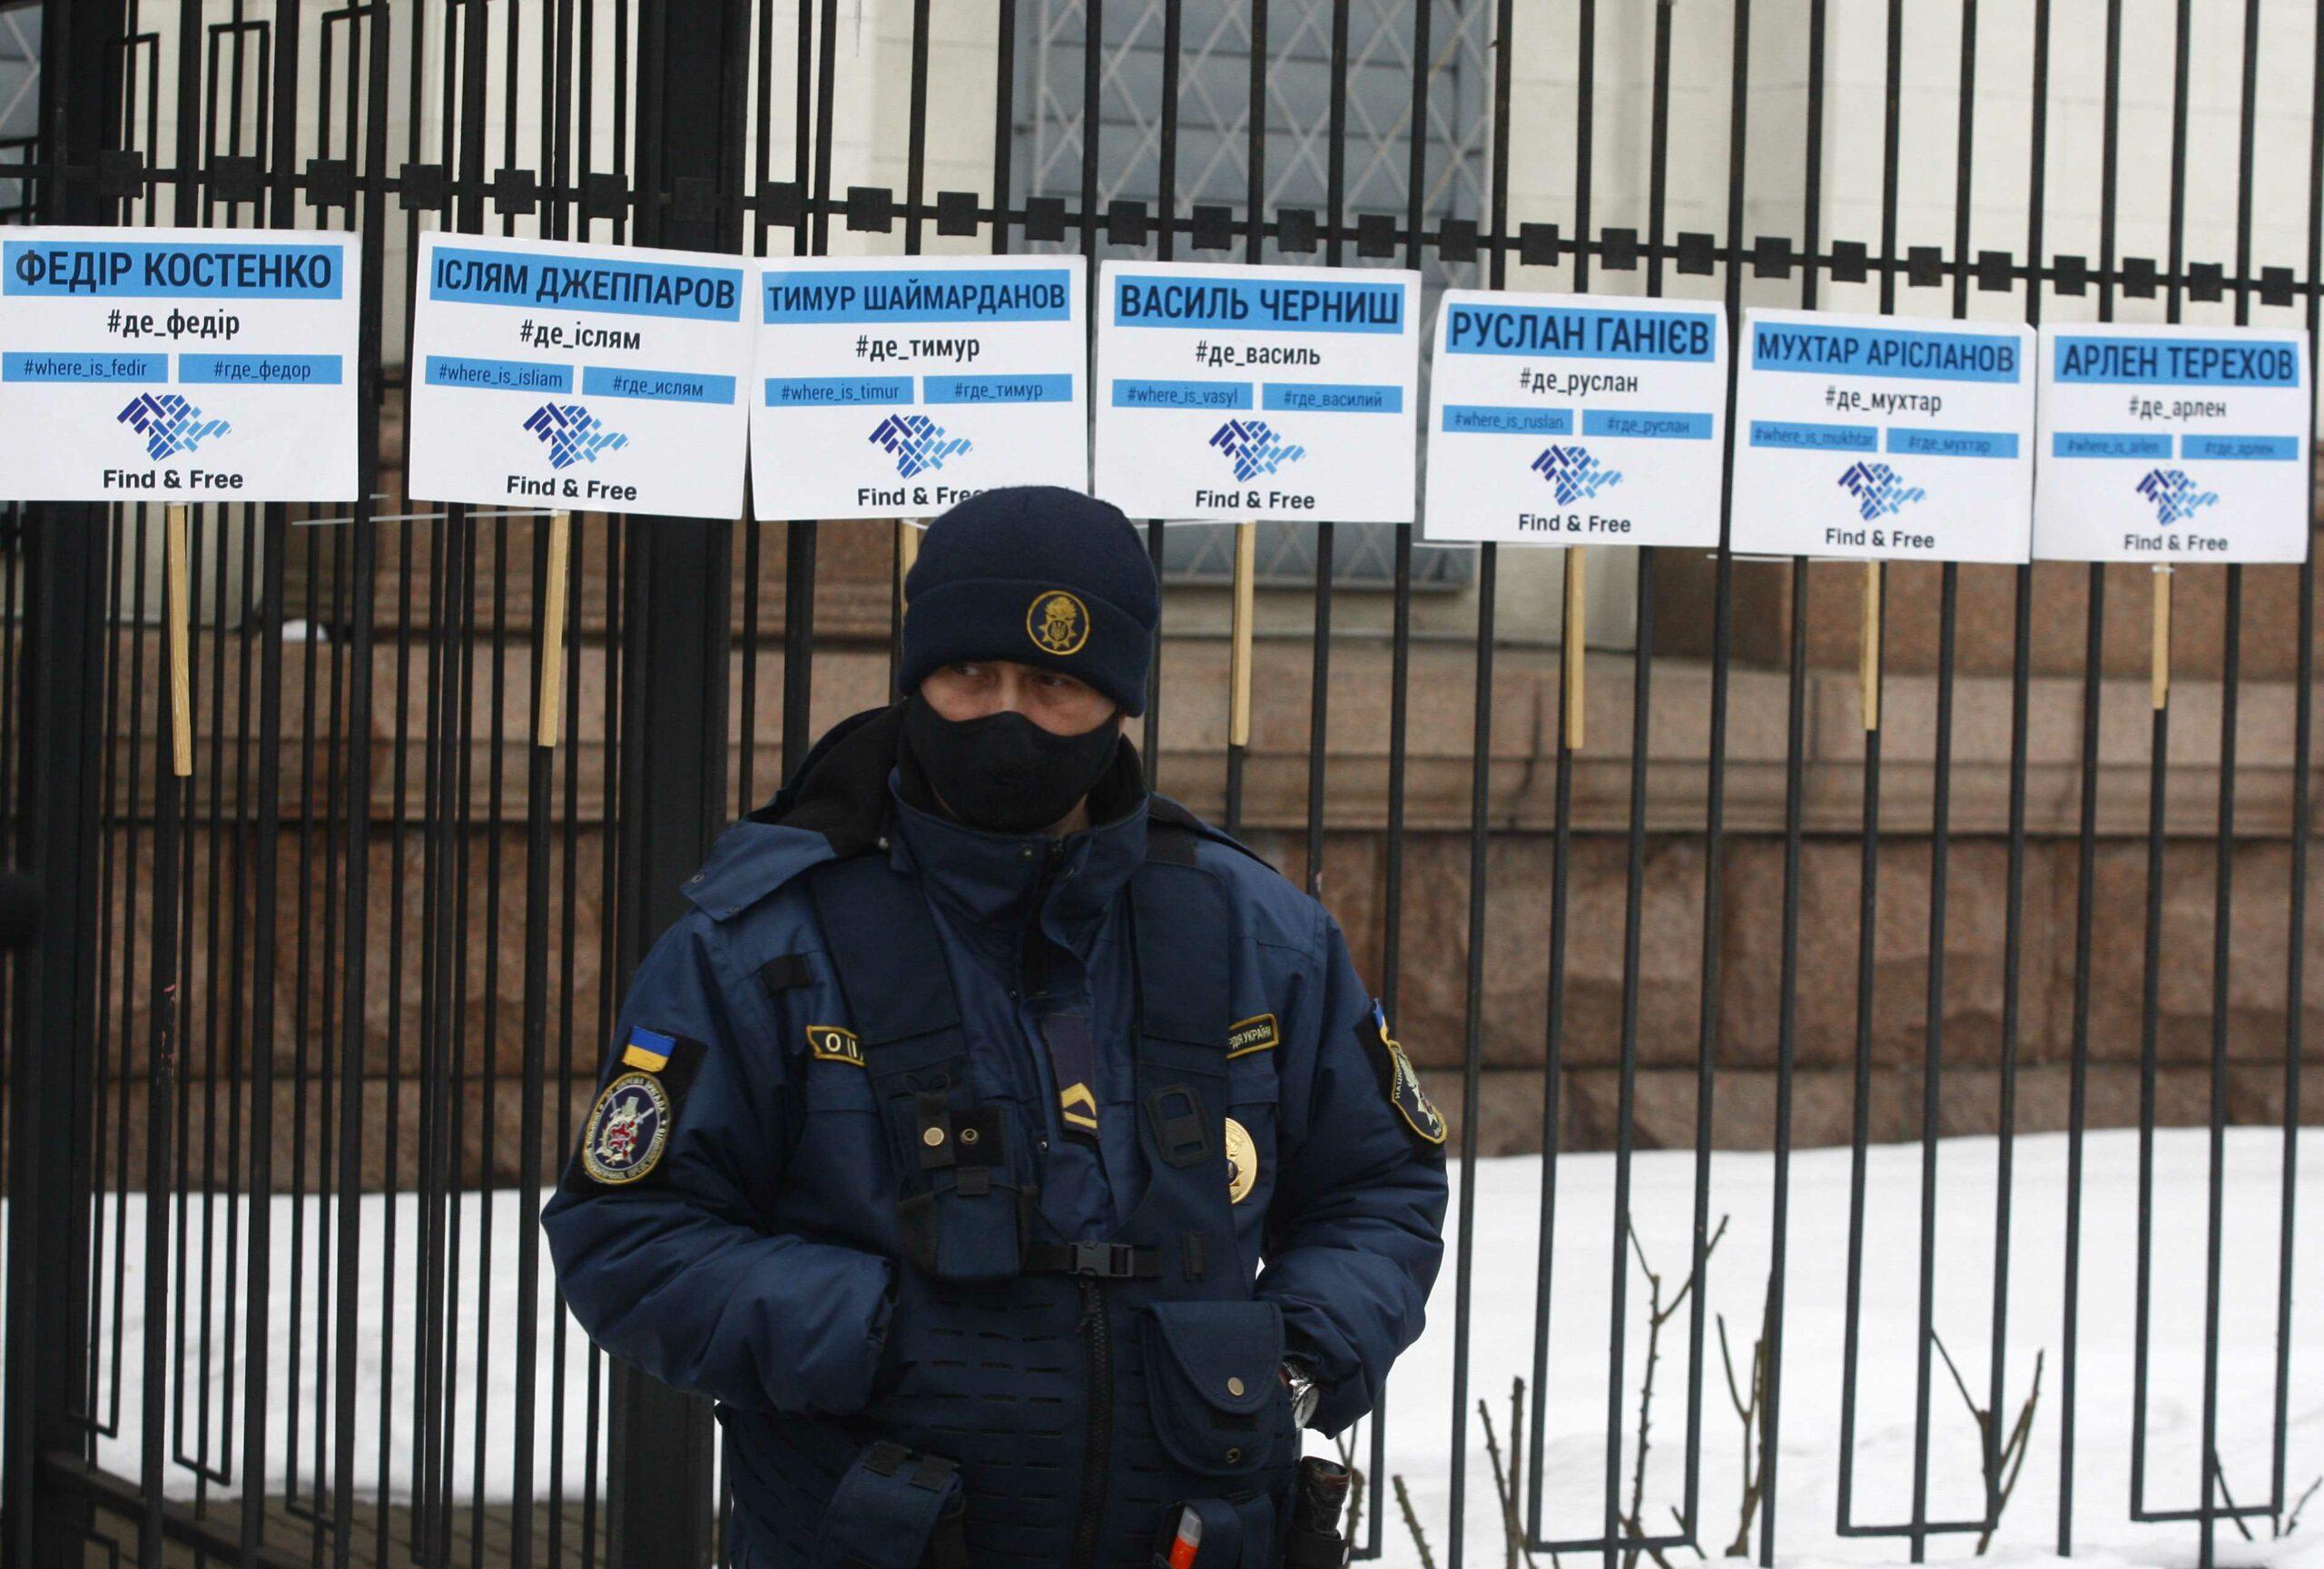 gettyimages 1231356475 scaled - <b>ООН розповіла про порушення прав людини в Криму.</b> Наступного дня ФСБ затримала кримських татар - Заборона